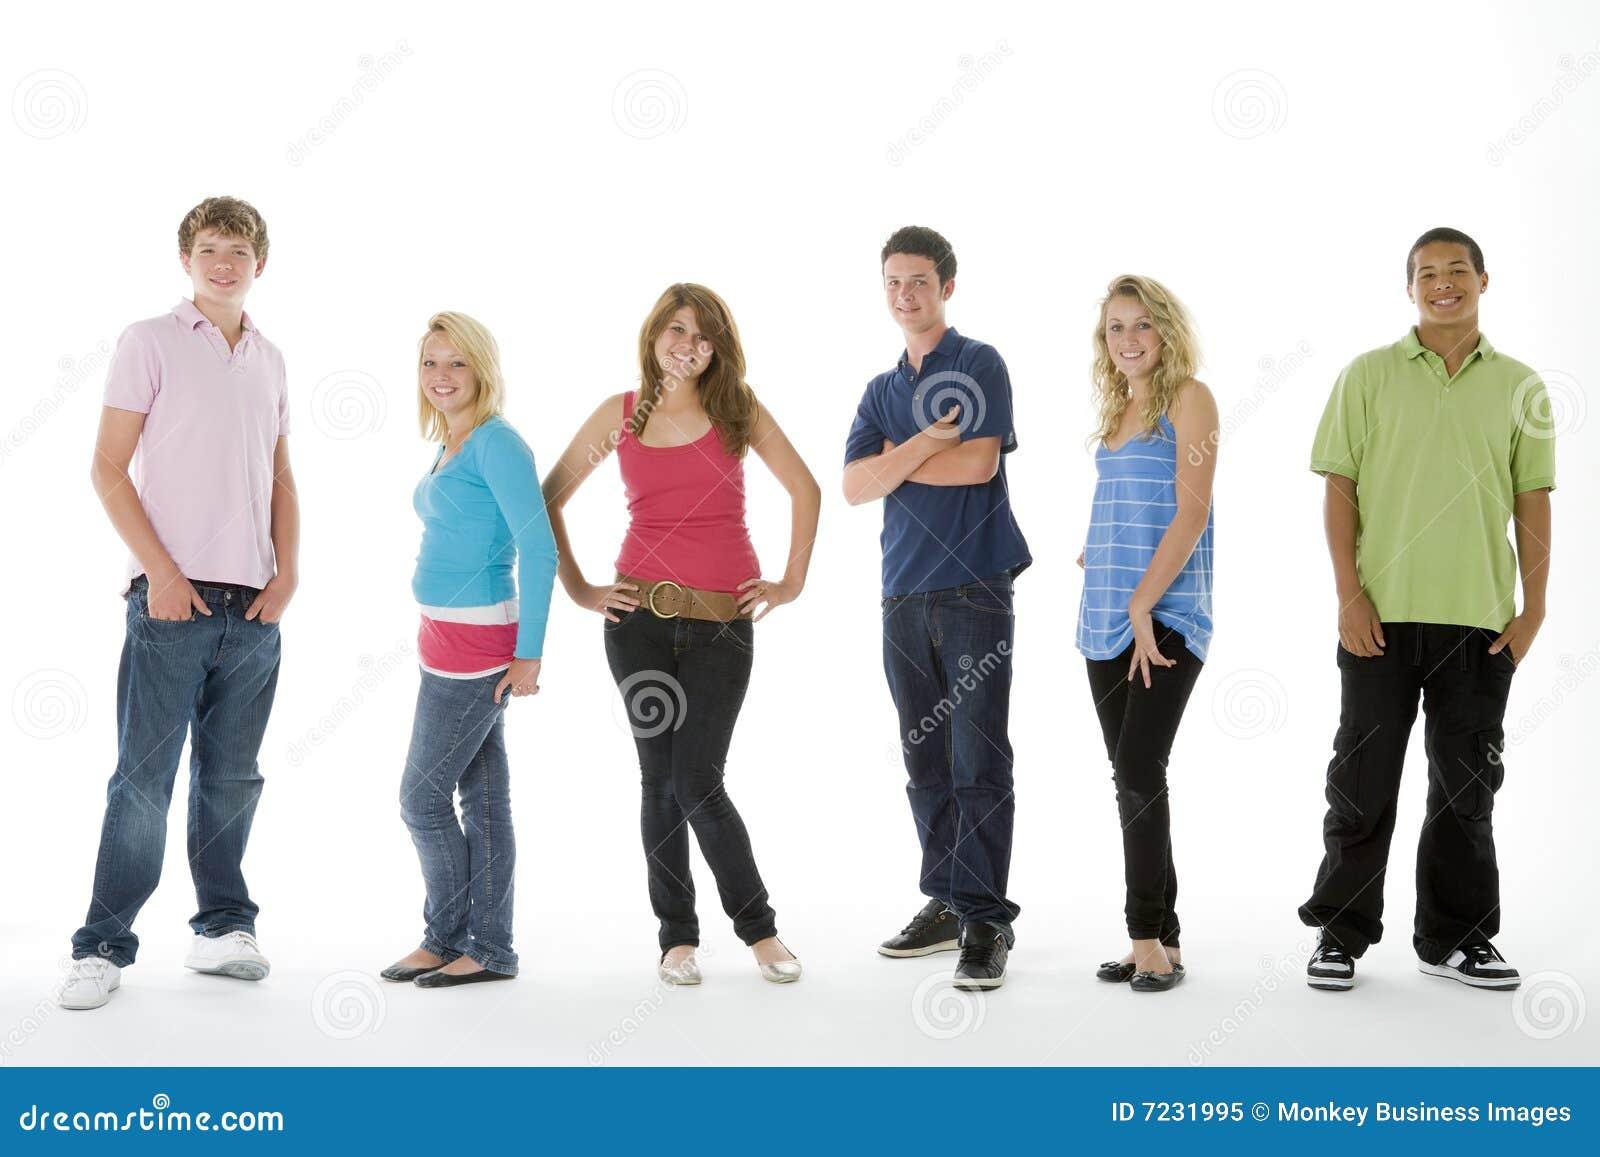 Gruppen sköt tonåringar